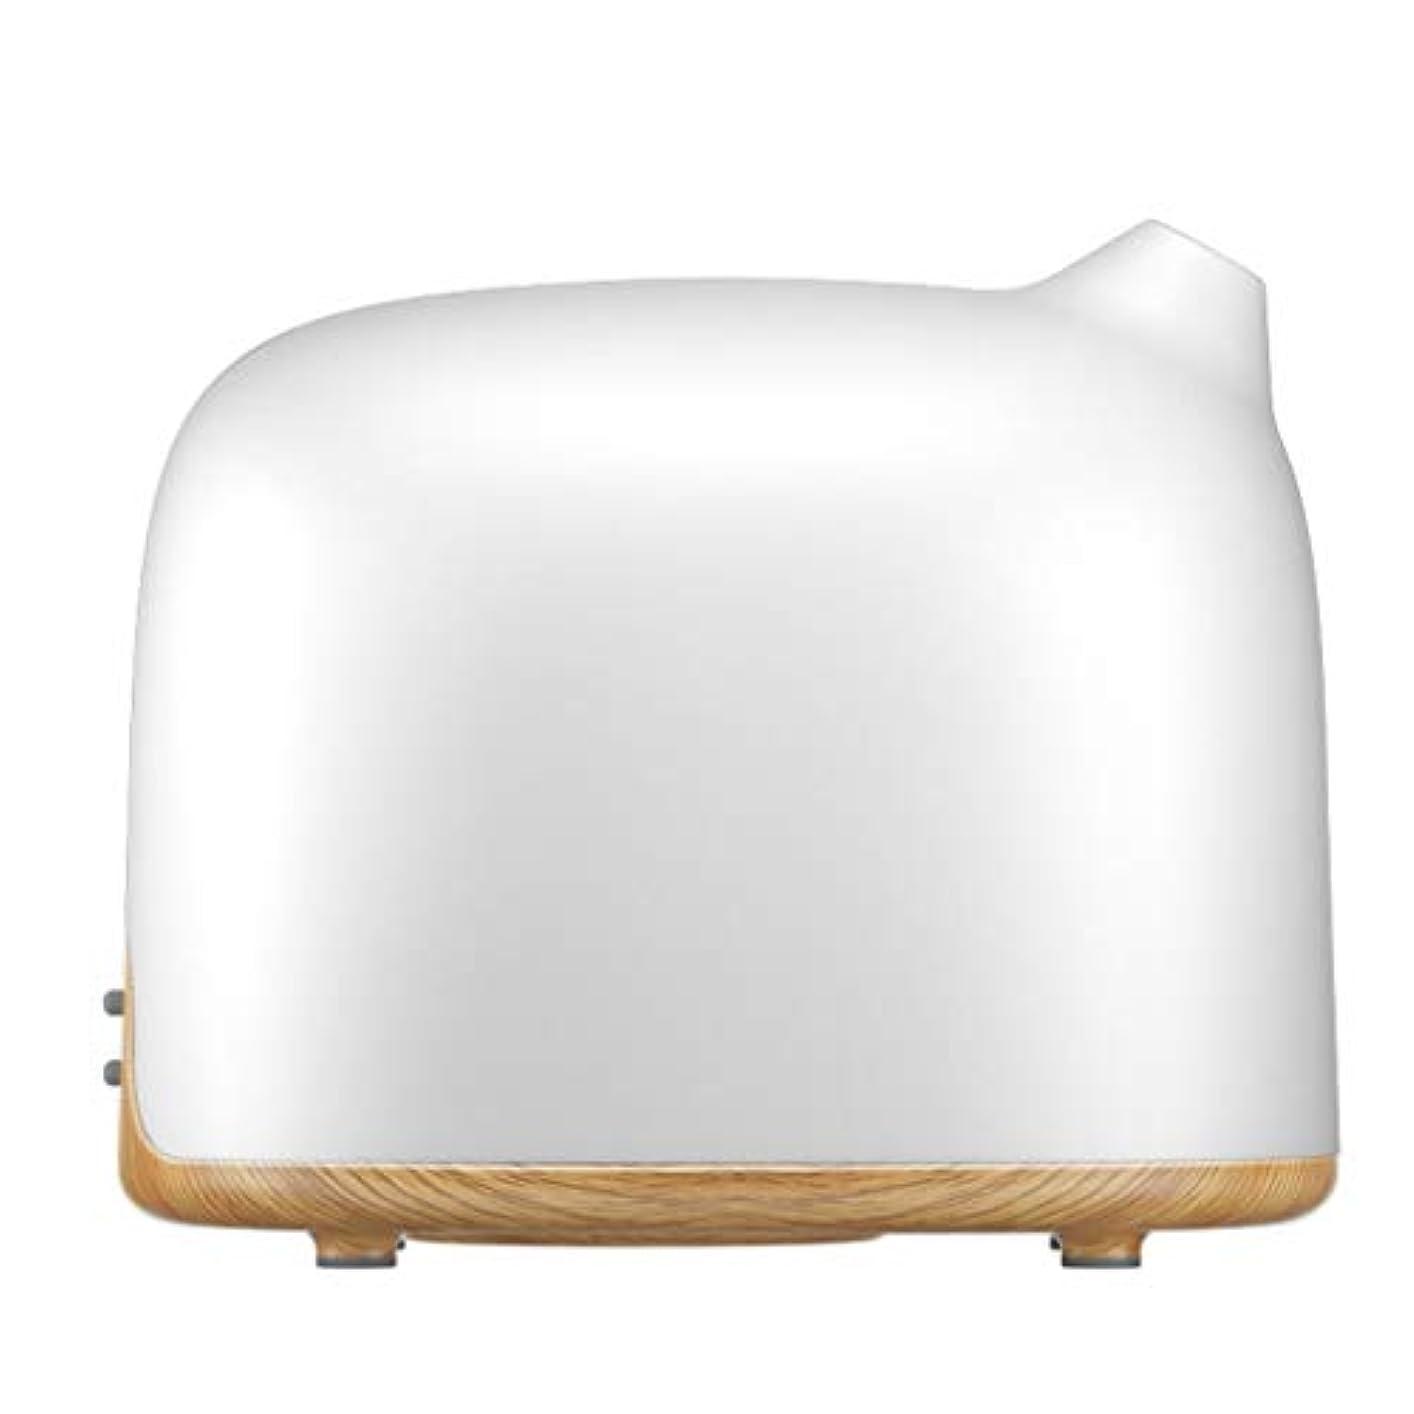 損失強大な完璧な空気加湿器ホームサイレント寝室妊娠中の女性ベビーエアフォグ大容量ディフューザー (Color : Natural)